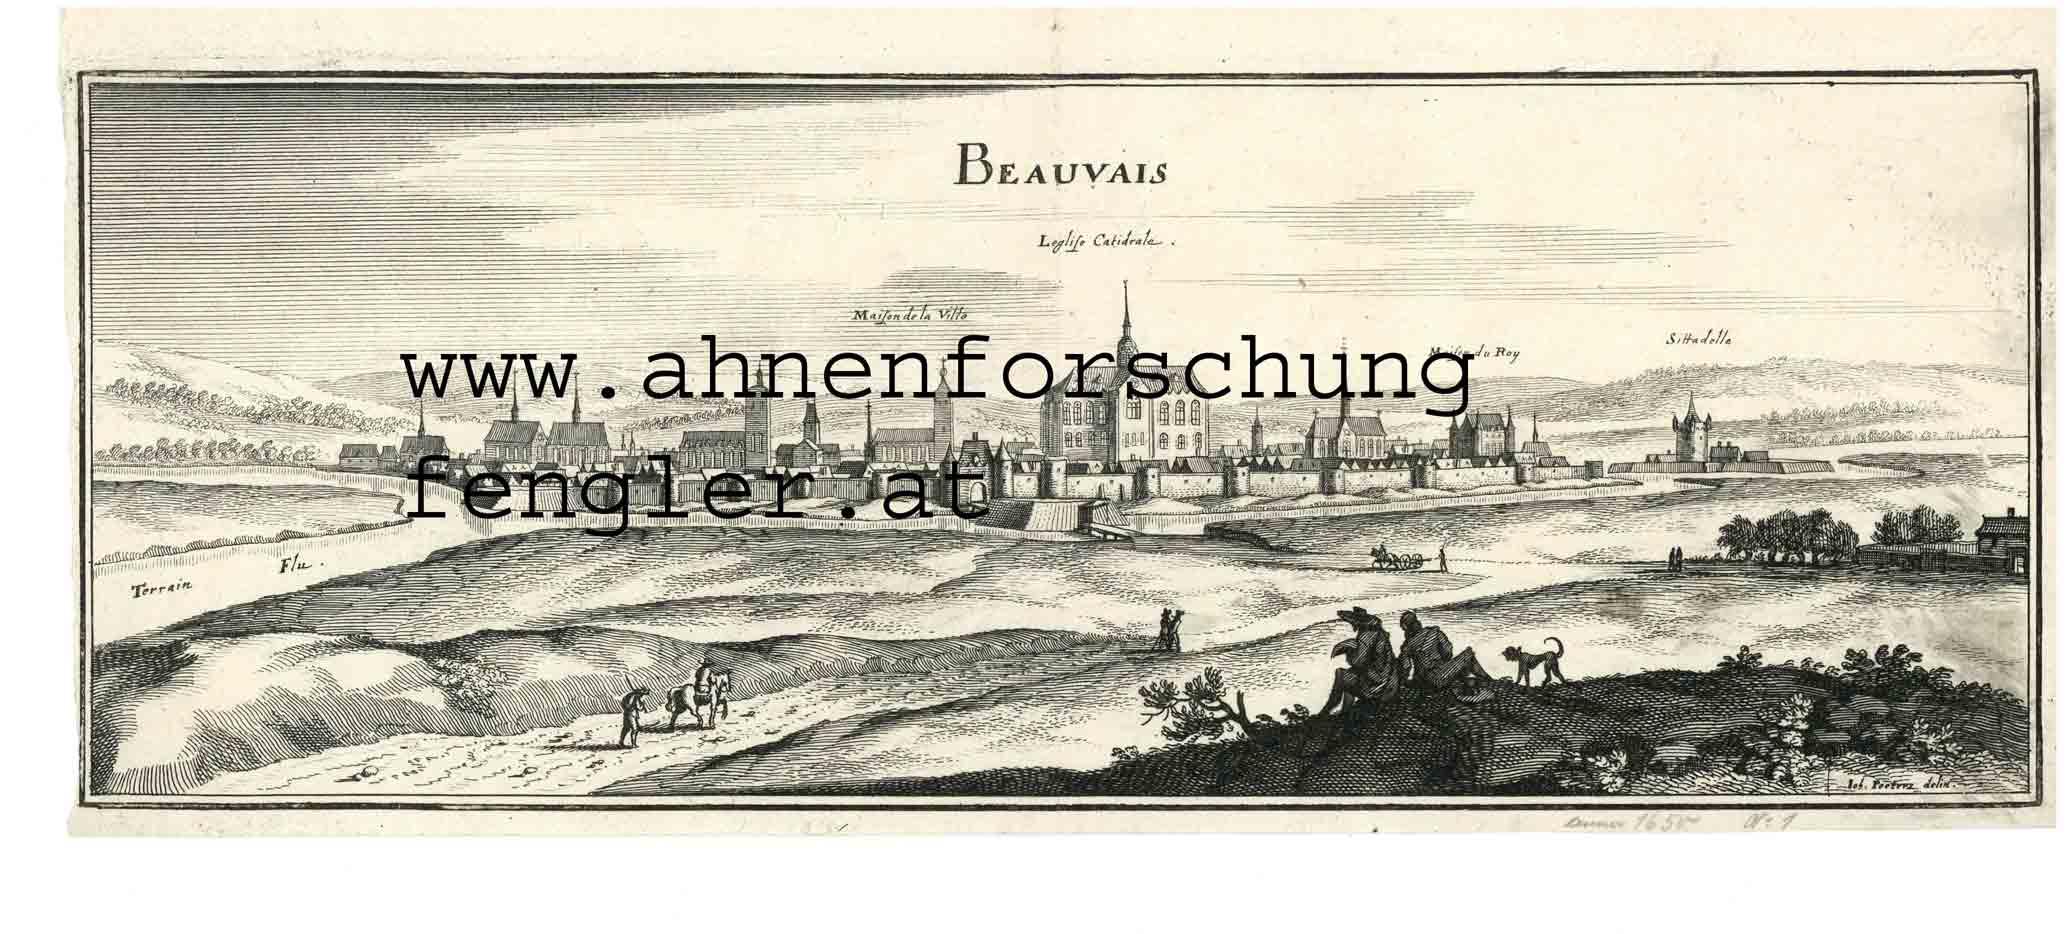 202002-Beauvais